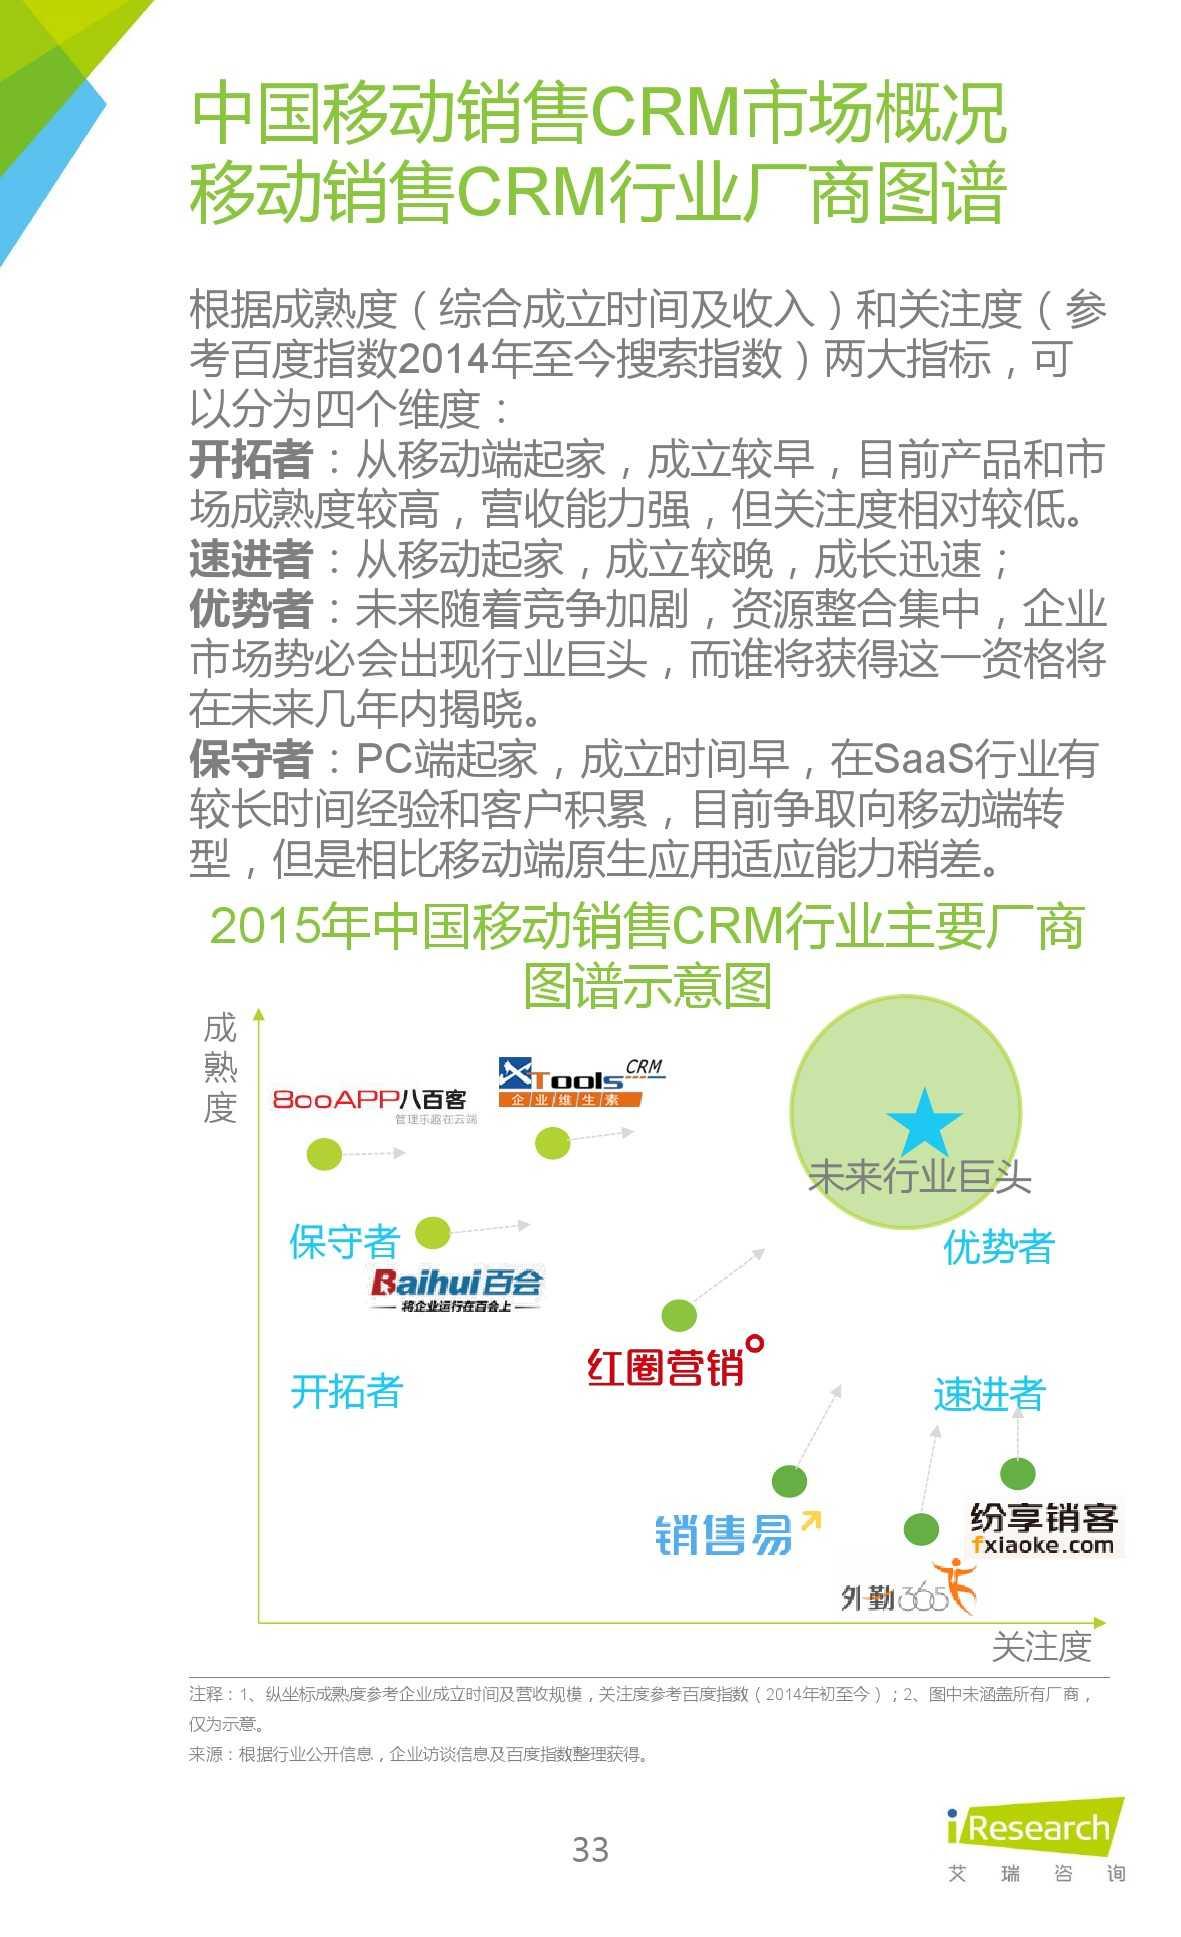 2015年中国移动销售CRM行业研究报告_000033